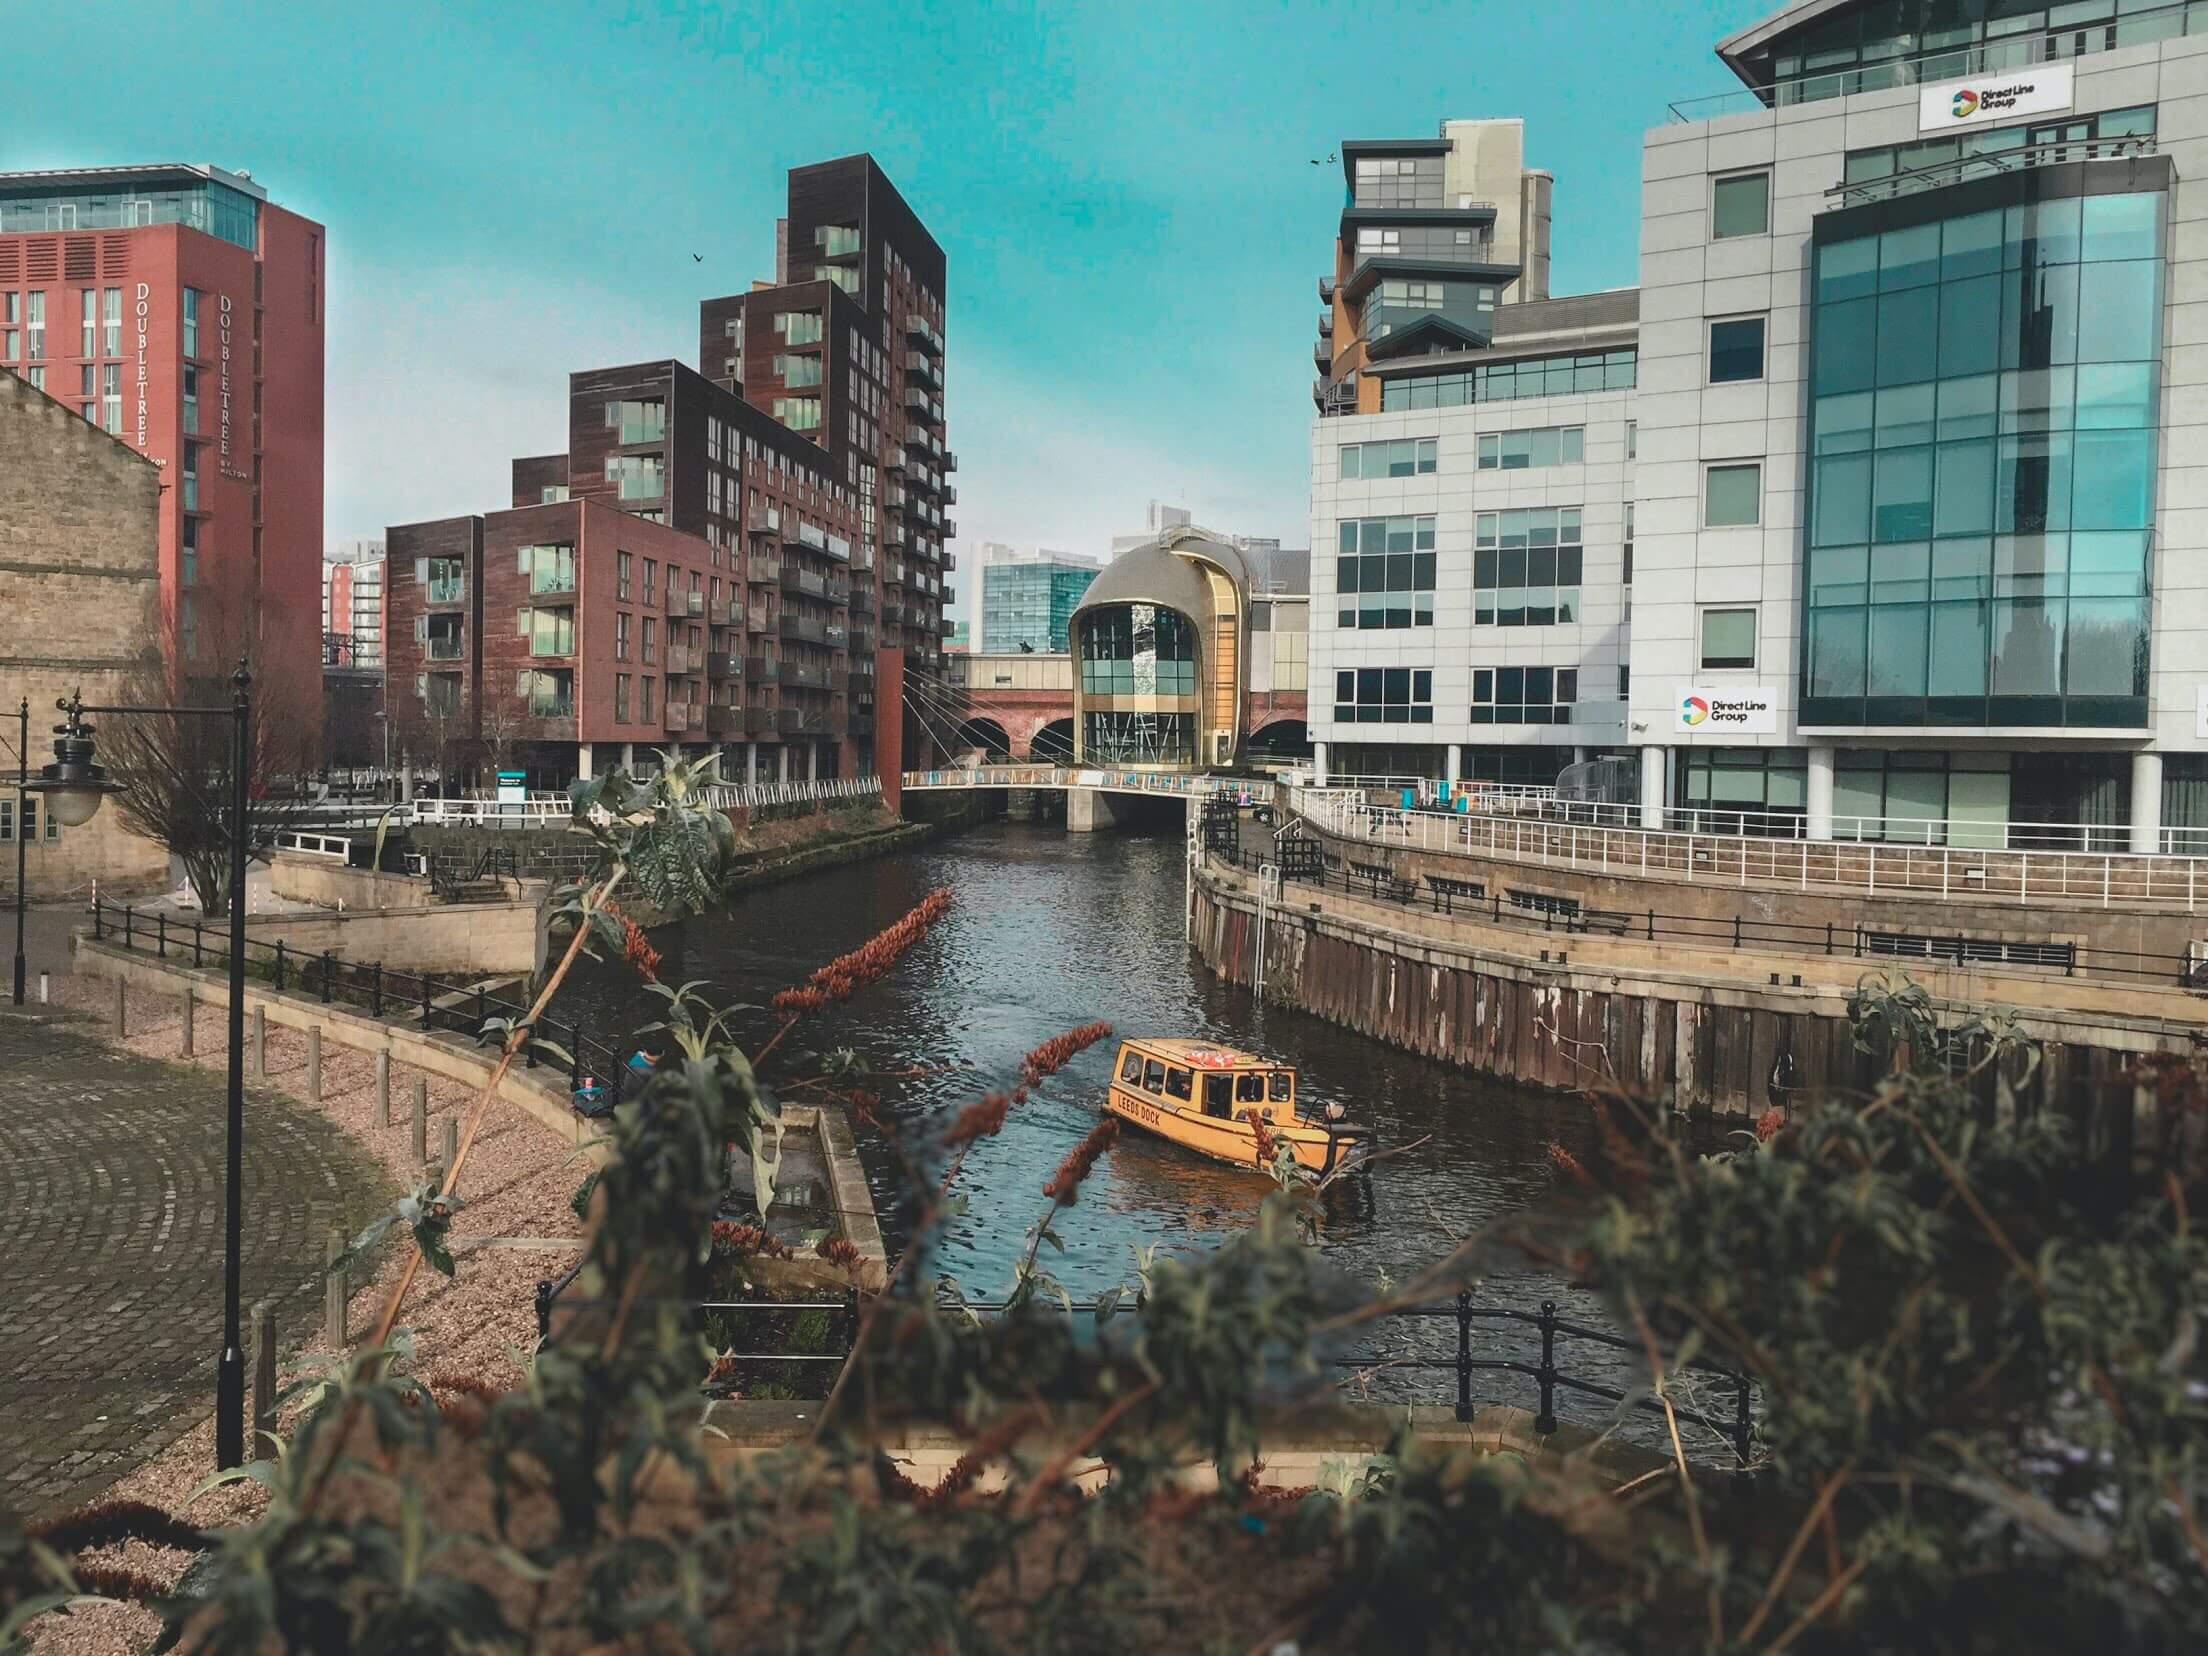 Leeds Waterfront